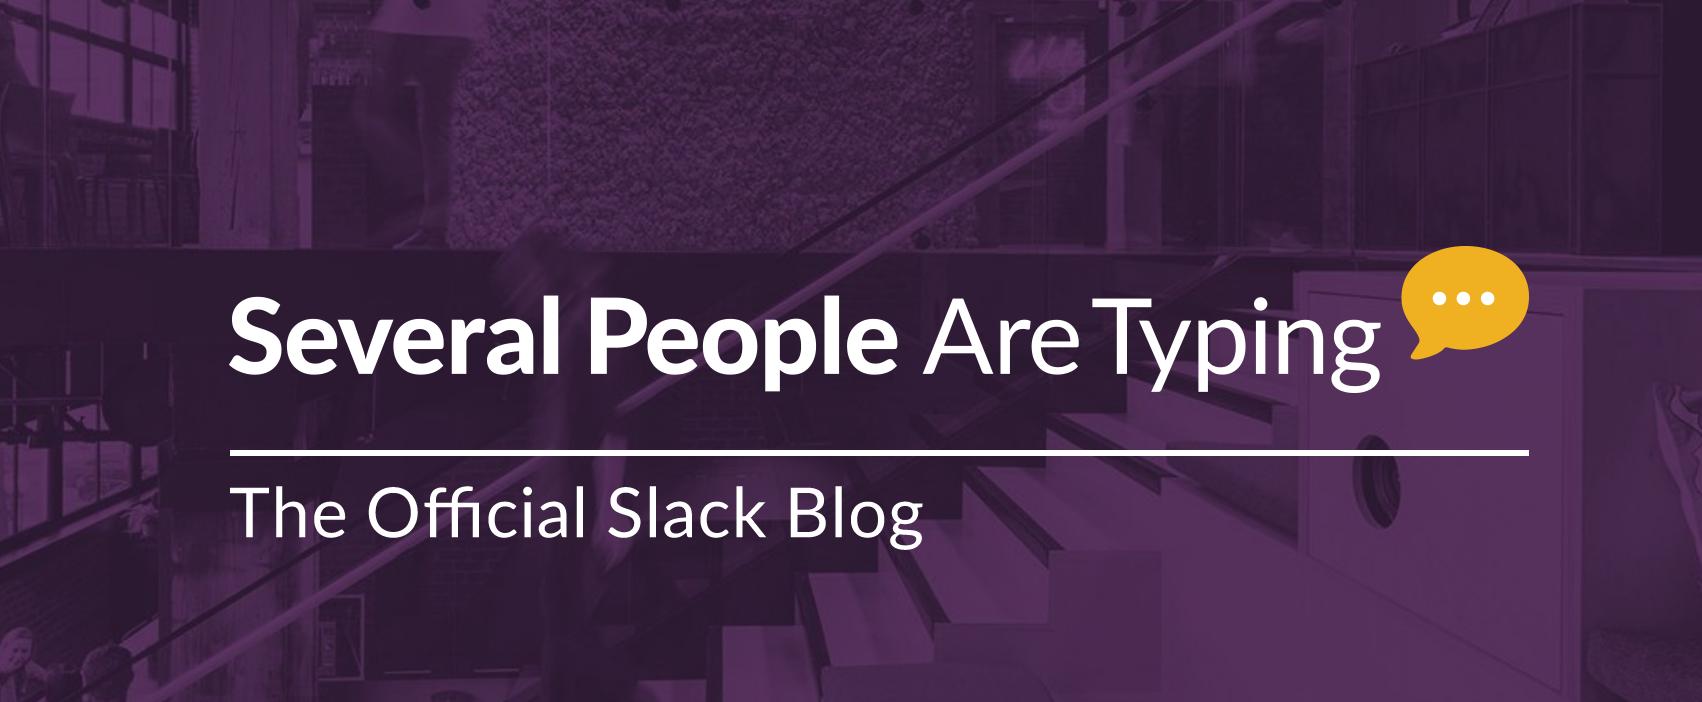 slack-blog